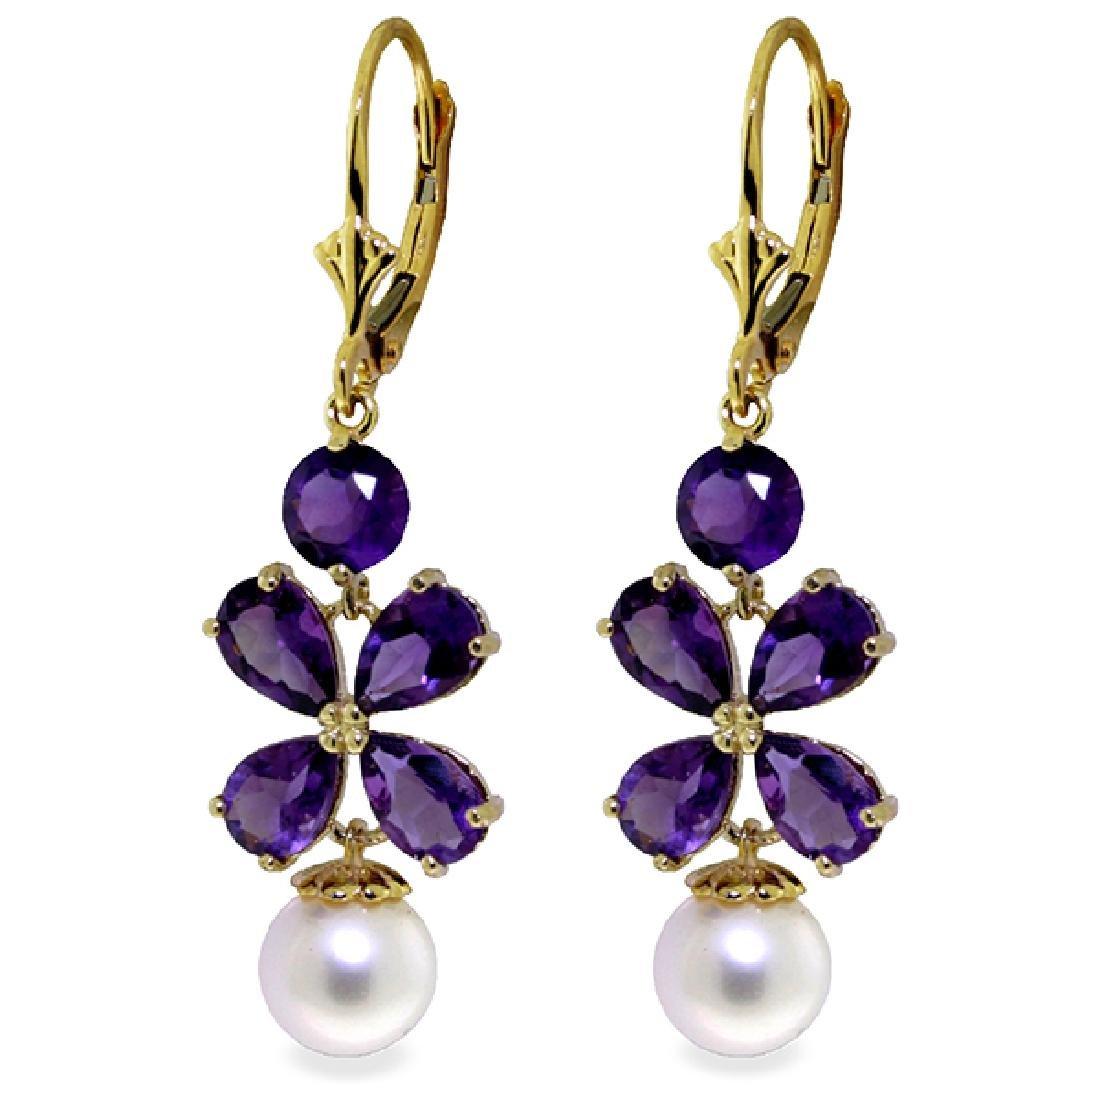 Genuine 6.28 ctw Amethyst & Pearl Earrings Jewelry 14KT